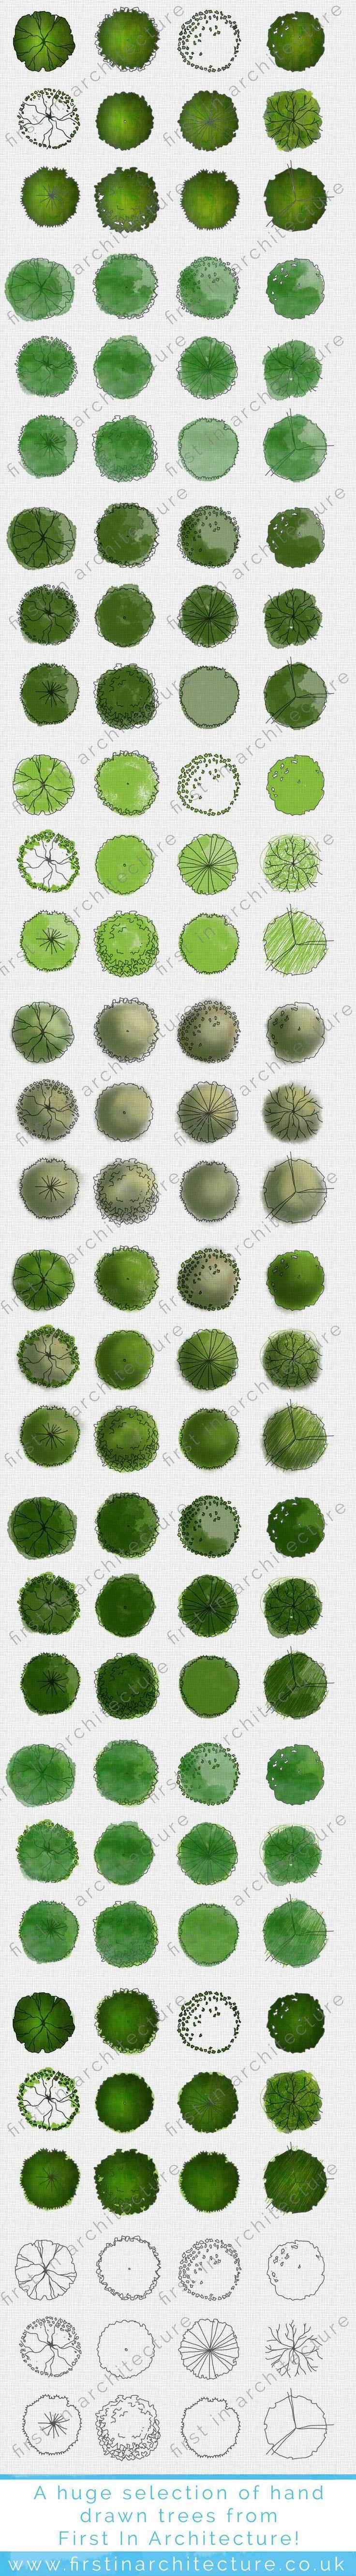 Hand drawn Trees | Árvores desenhadas a mão | Planta Baixa | Hidrocor | Arquitetu [doodles galore. jh]